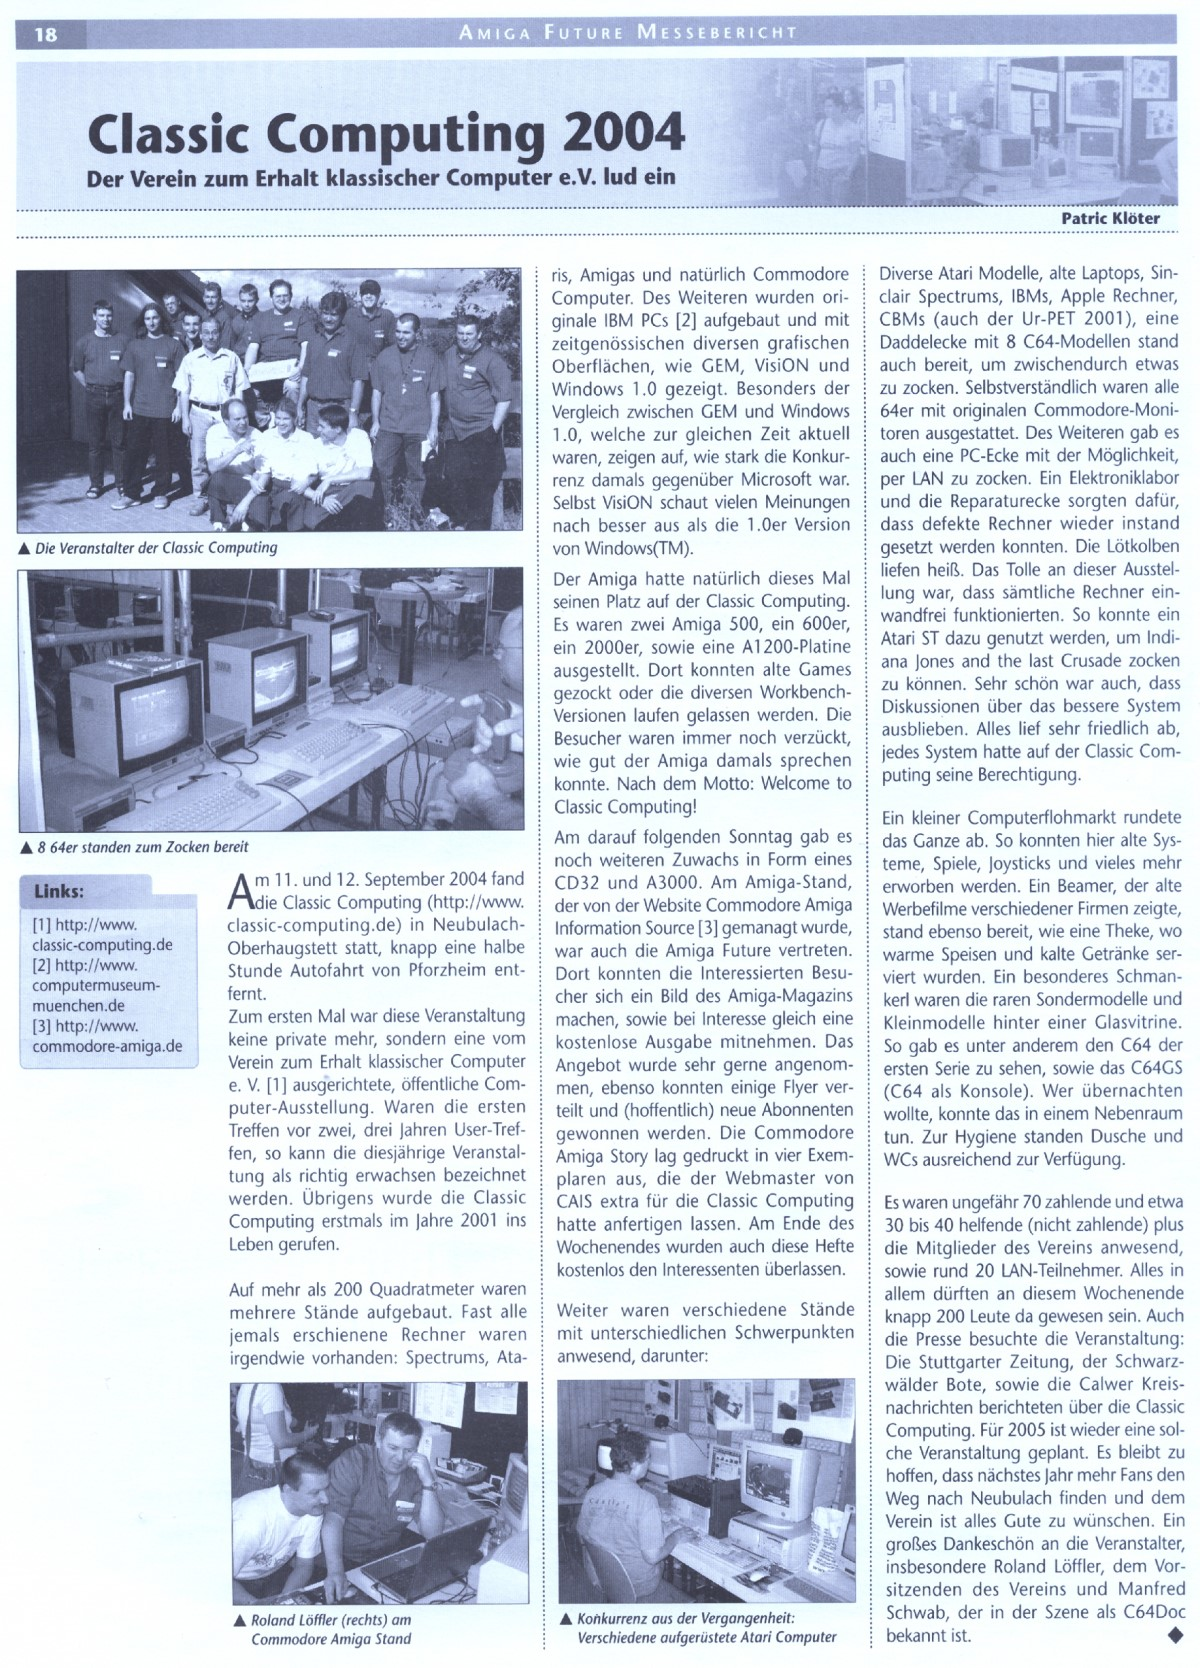 cc2004_presse_amiga_future